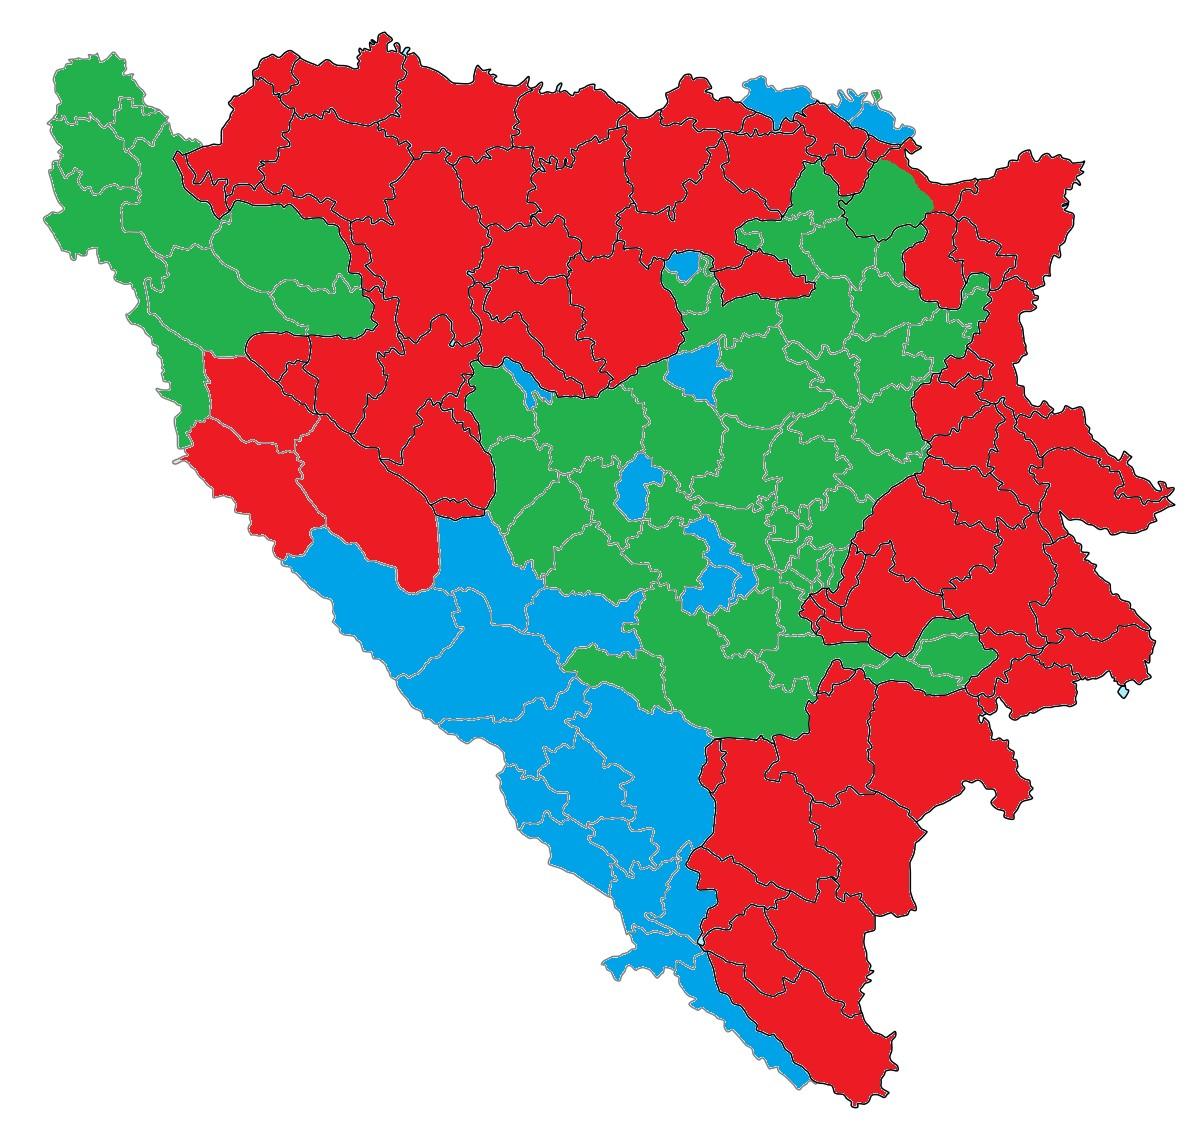 tnička karta BiH na osnovu rezultata izbora (Ilustracija: Rajko Petrović)